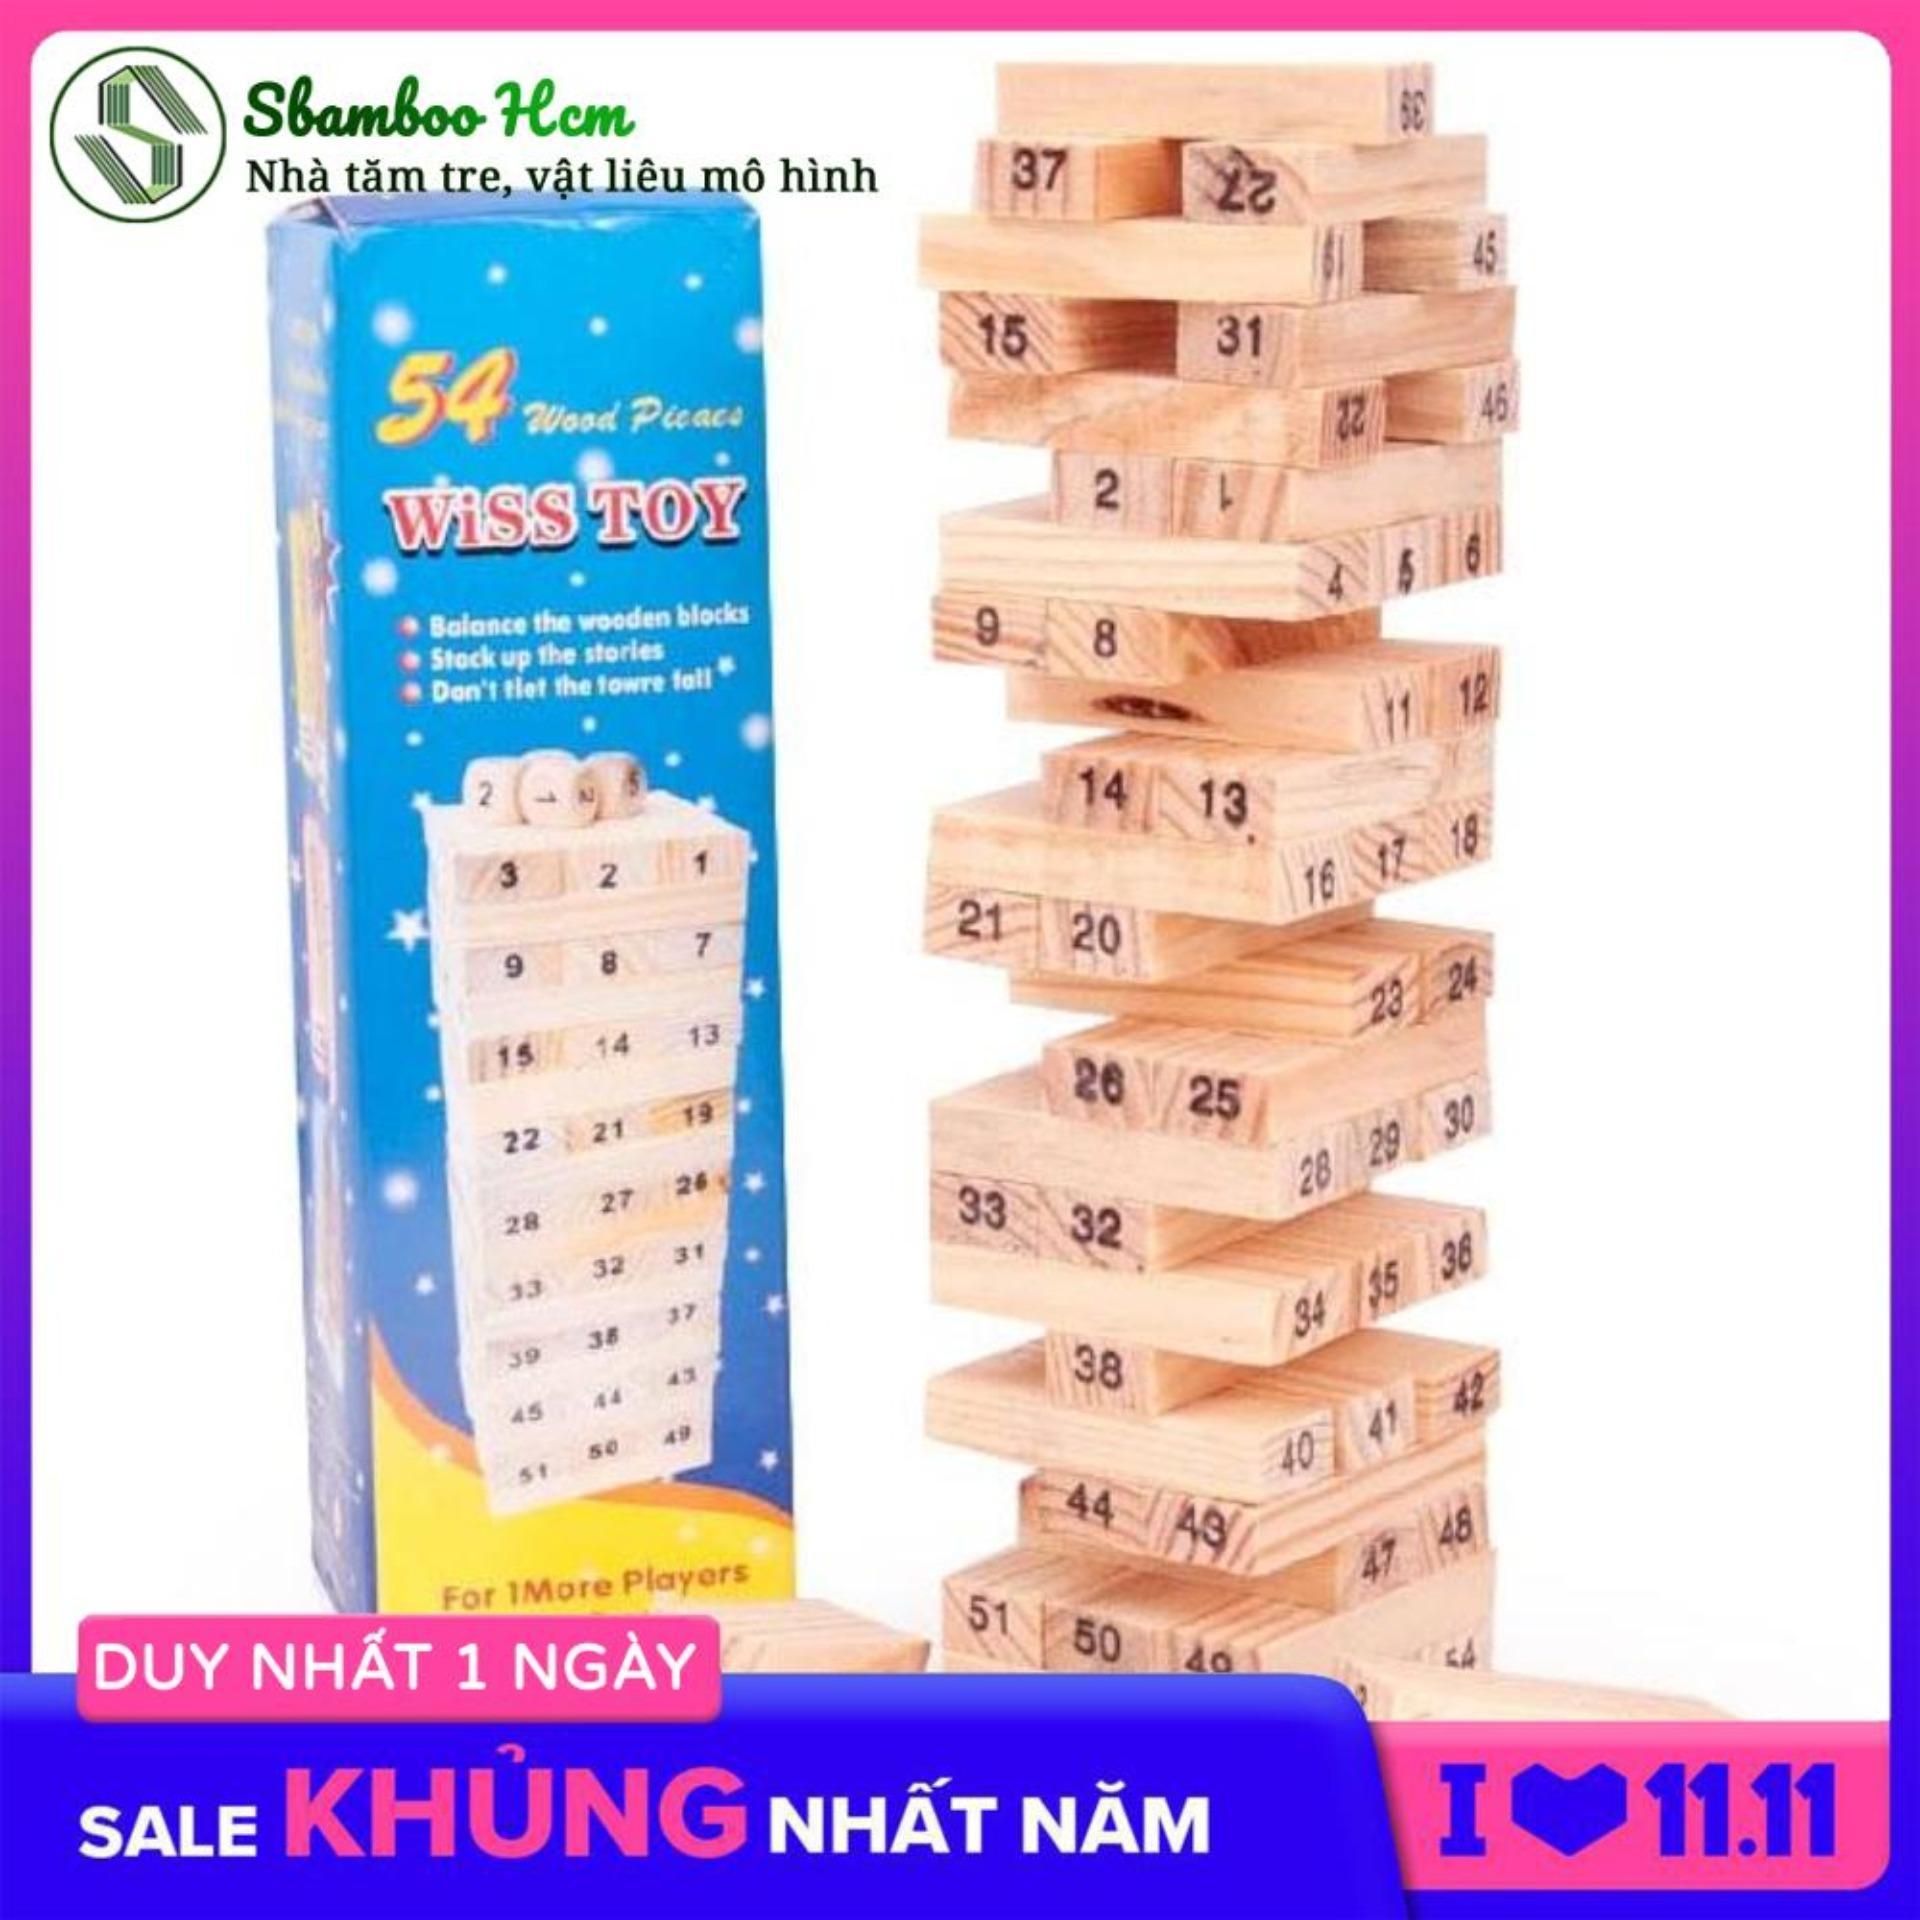 Bộ đồ chơi rút gỗ, trò chơi trí tuệ dành cho bé - Bộ đồ chơi rút gỗ Wiss Toy 54 thanh kèm 4 con súc sắc- Đồ chơi rút gỗ 54 thanh kiểu Nhật thông minh cho trẻ sáng tạo